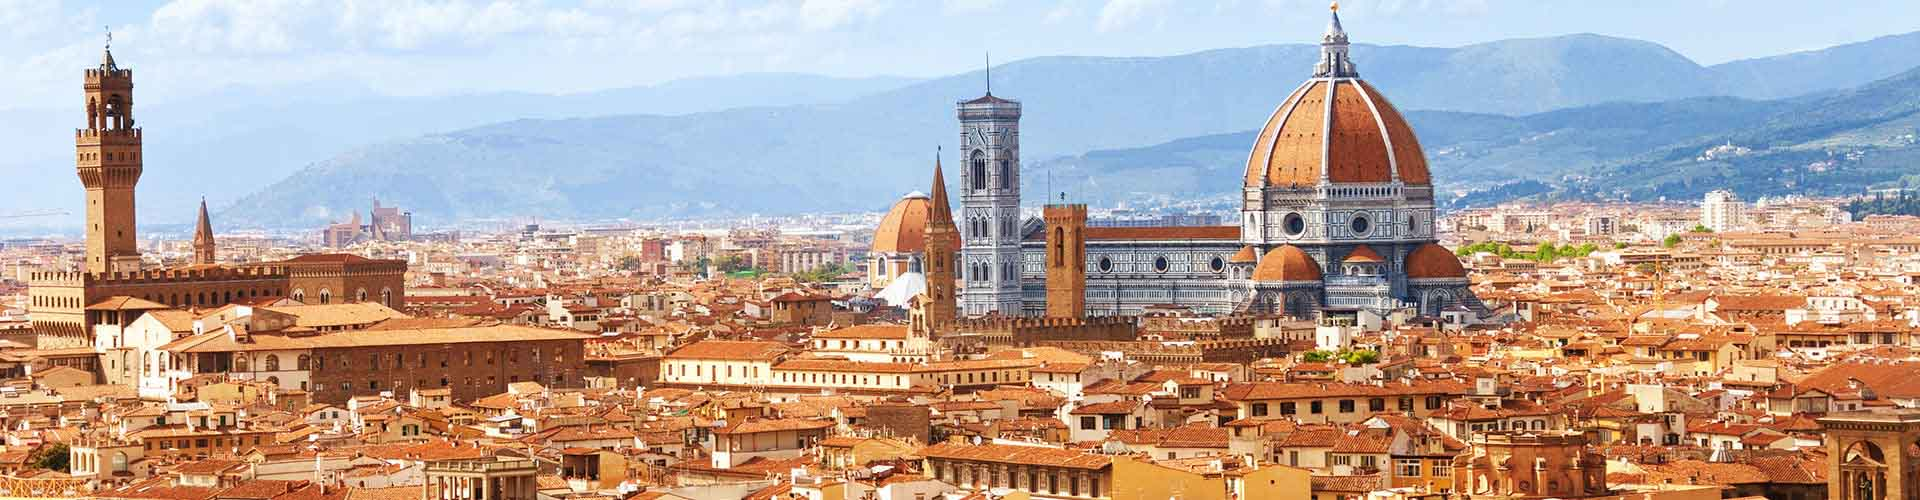 Florence - Hôtels à Florence. Cartes pour Florence, photos et commentaires pour chaque hôtel à Florence.